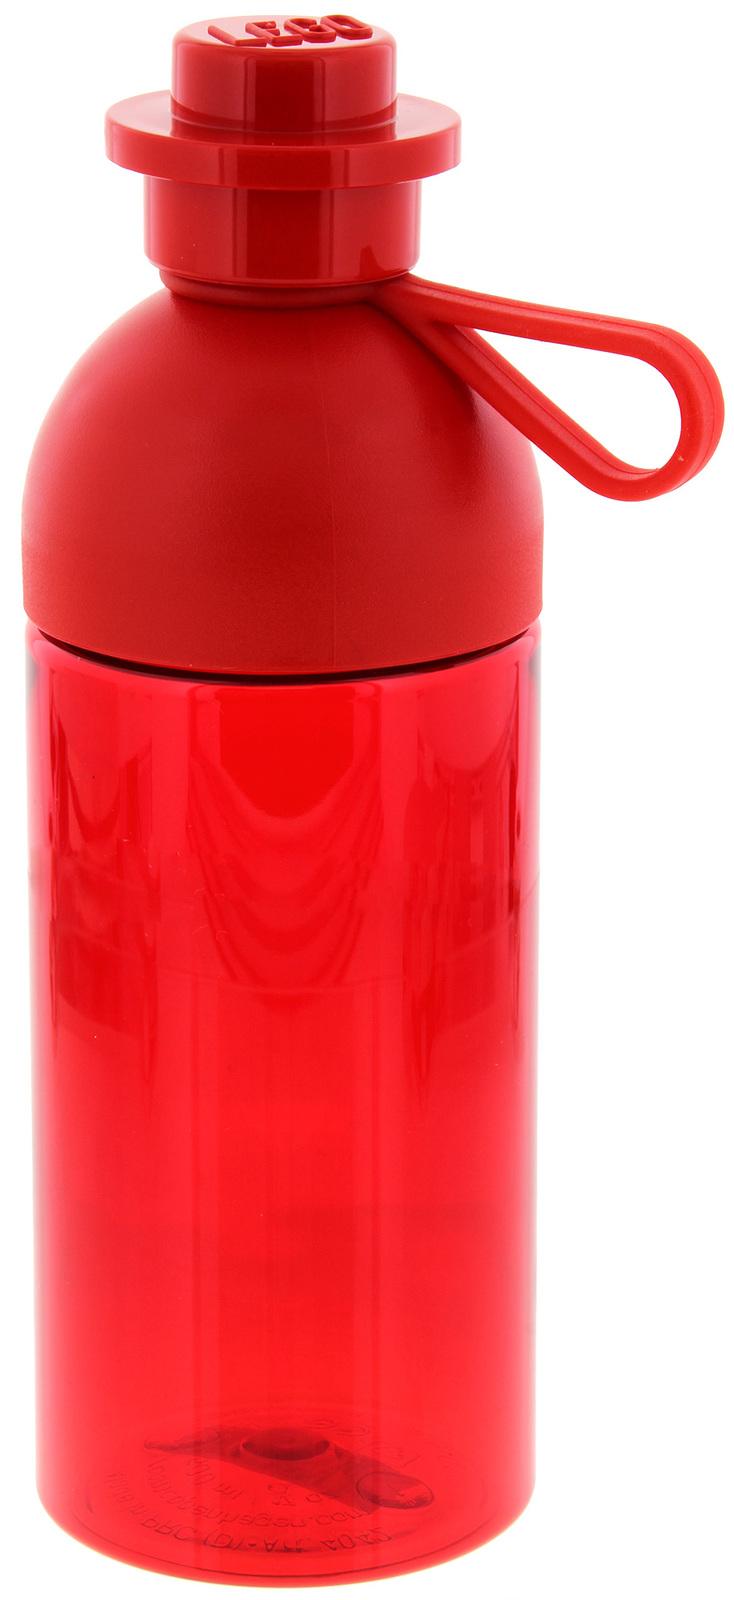 LEGO Hydration Bottle - Red image